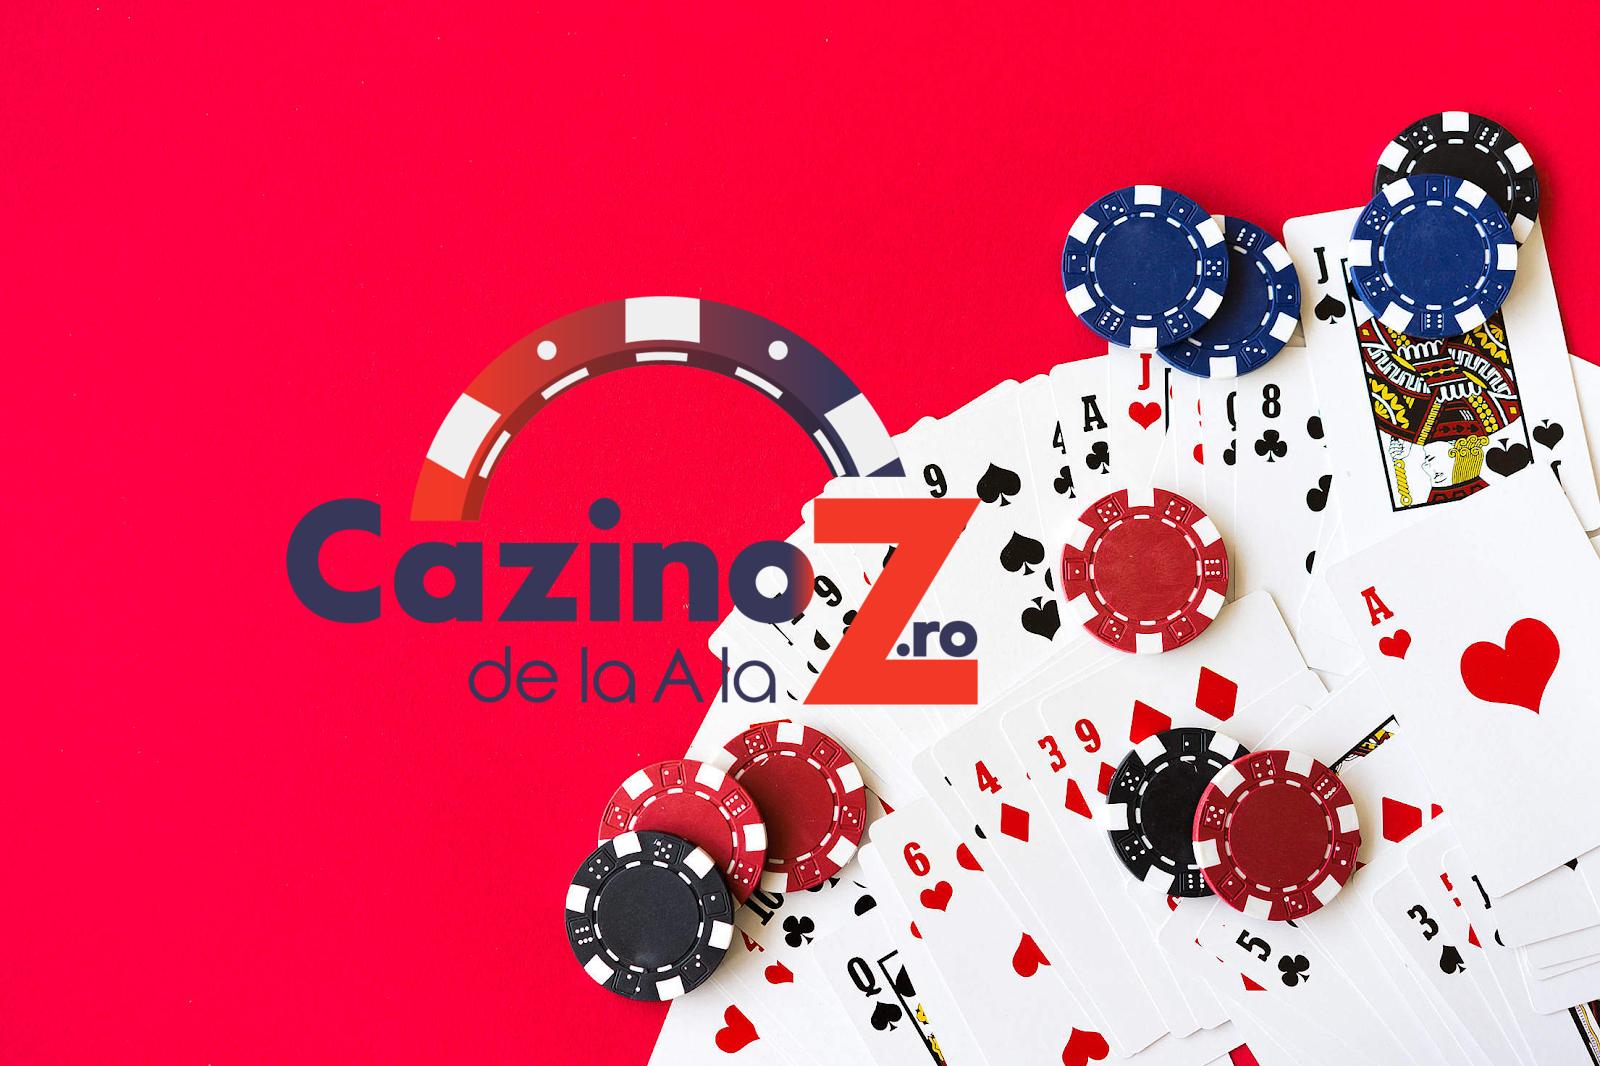 cazinouri licentiate si sigure